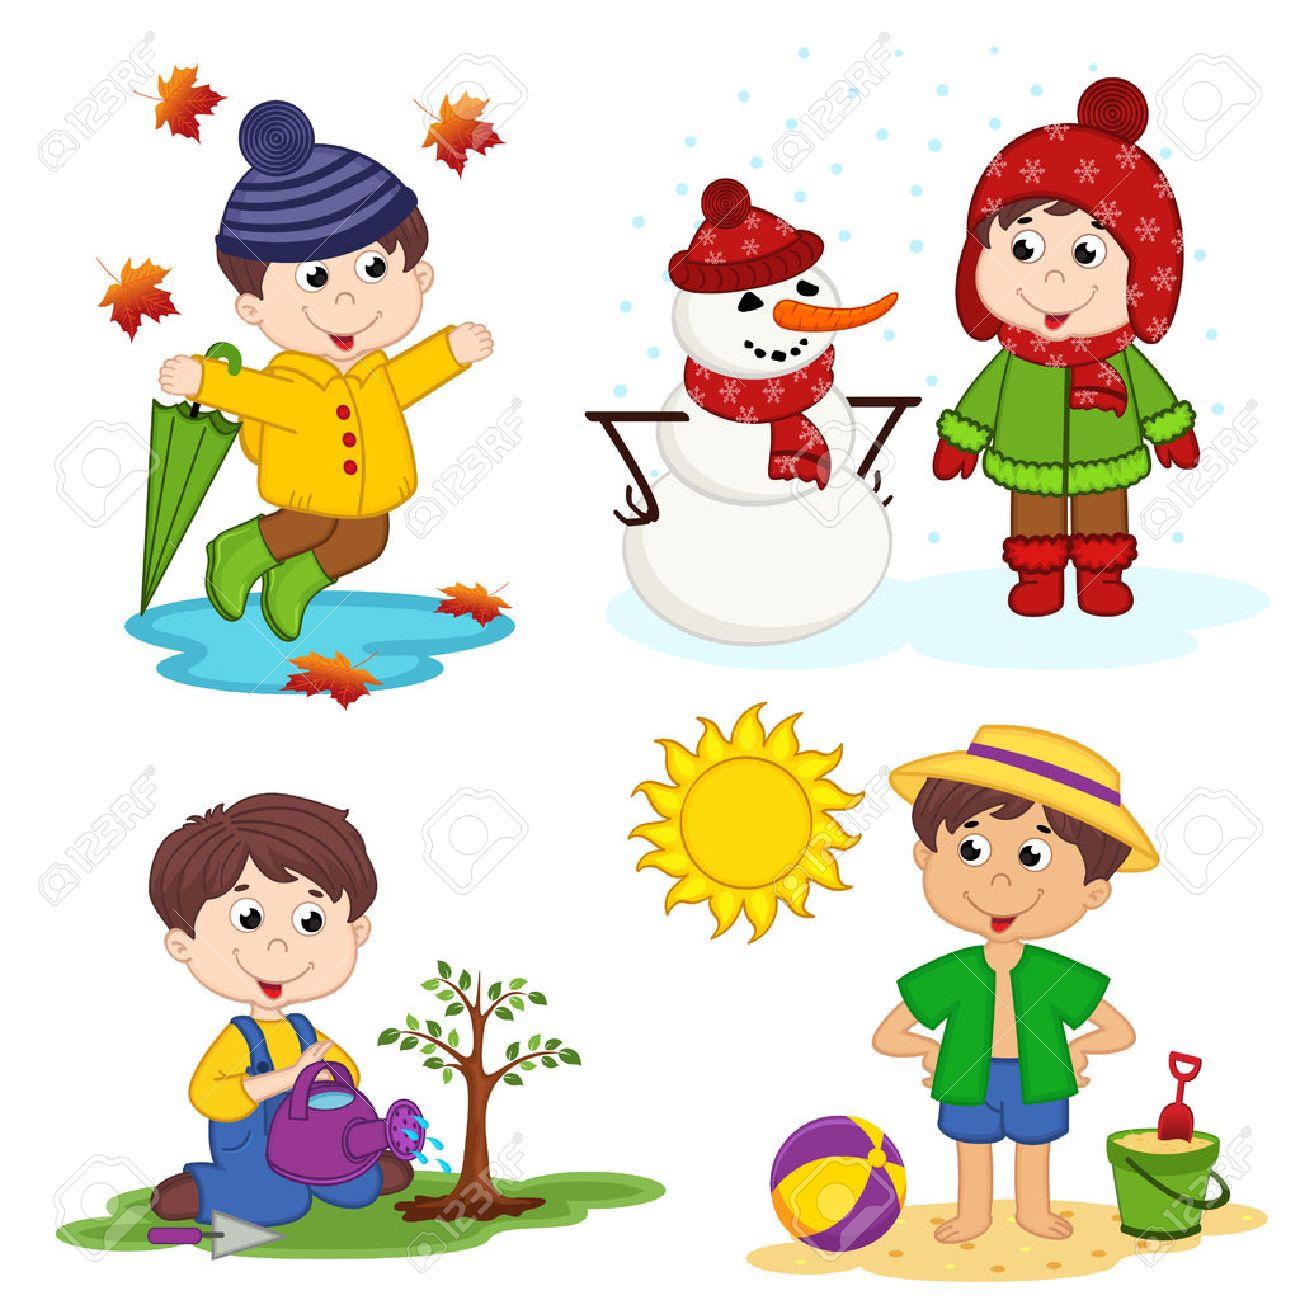 Junge und die vier Jahreszeiten Standard-Bild - 53980101